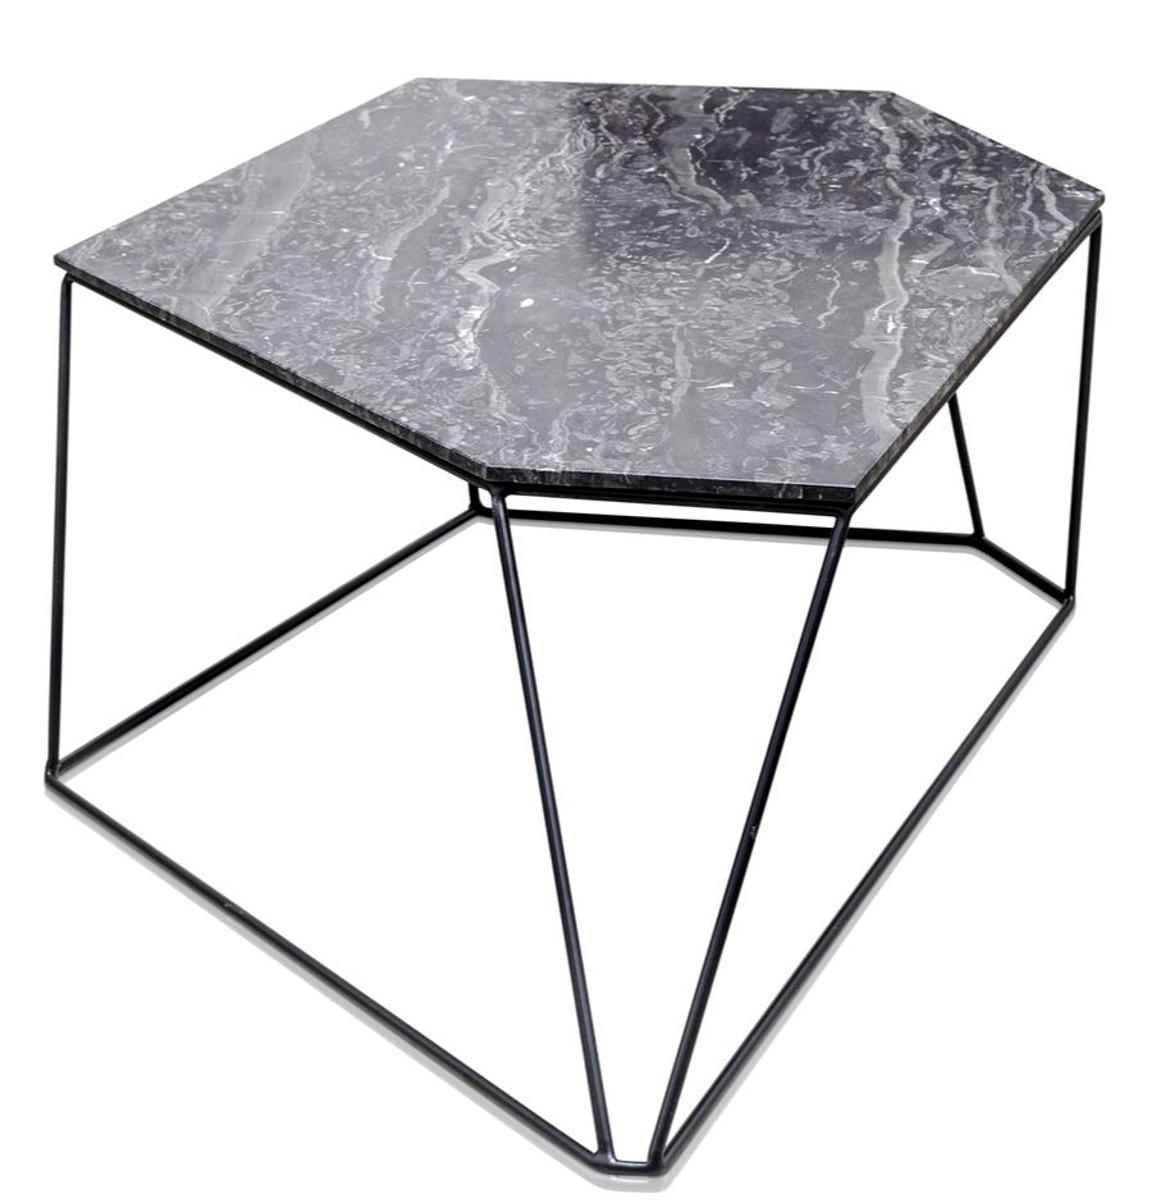 Designer Couchtisch Schwarz casa padrino designer couchtisch schwarz 89 x 54 x h 30 cm luxus wohnzimmertisch mit